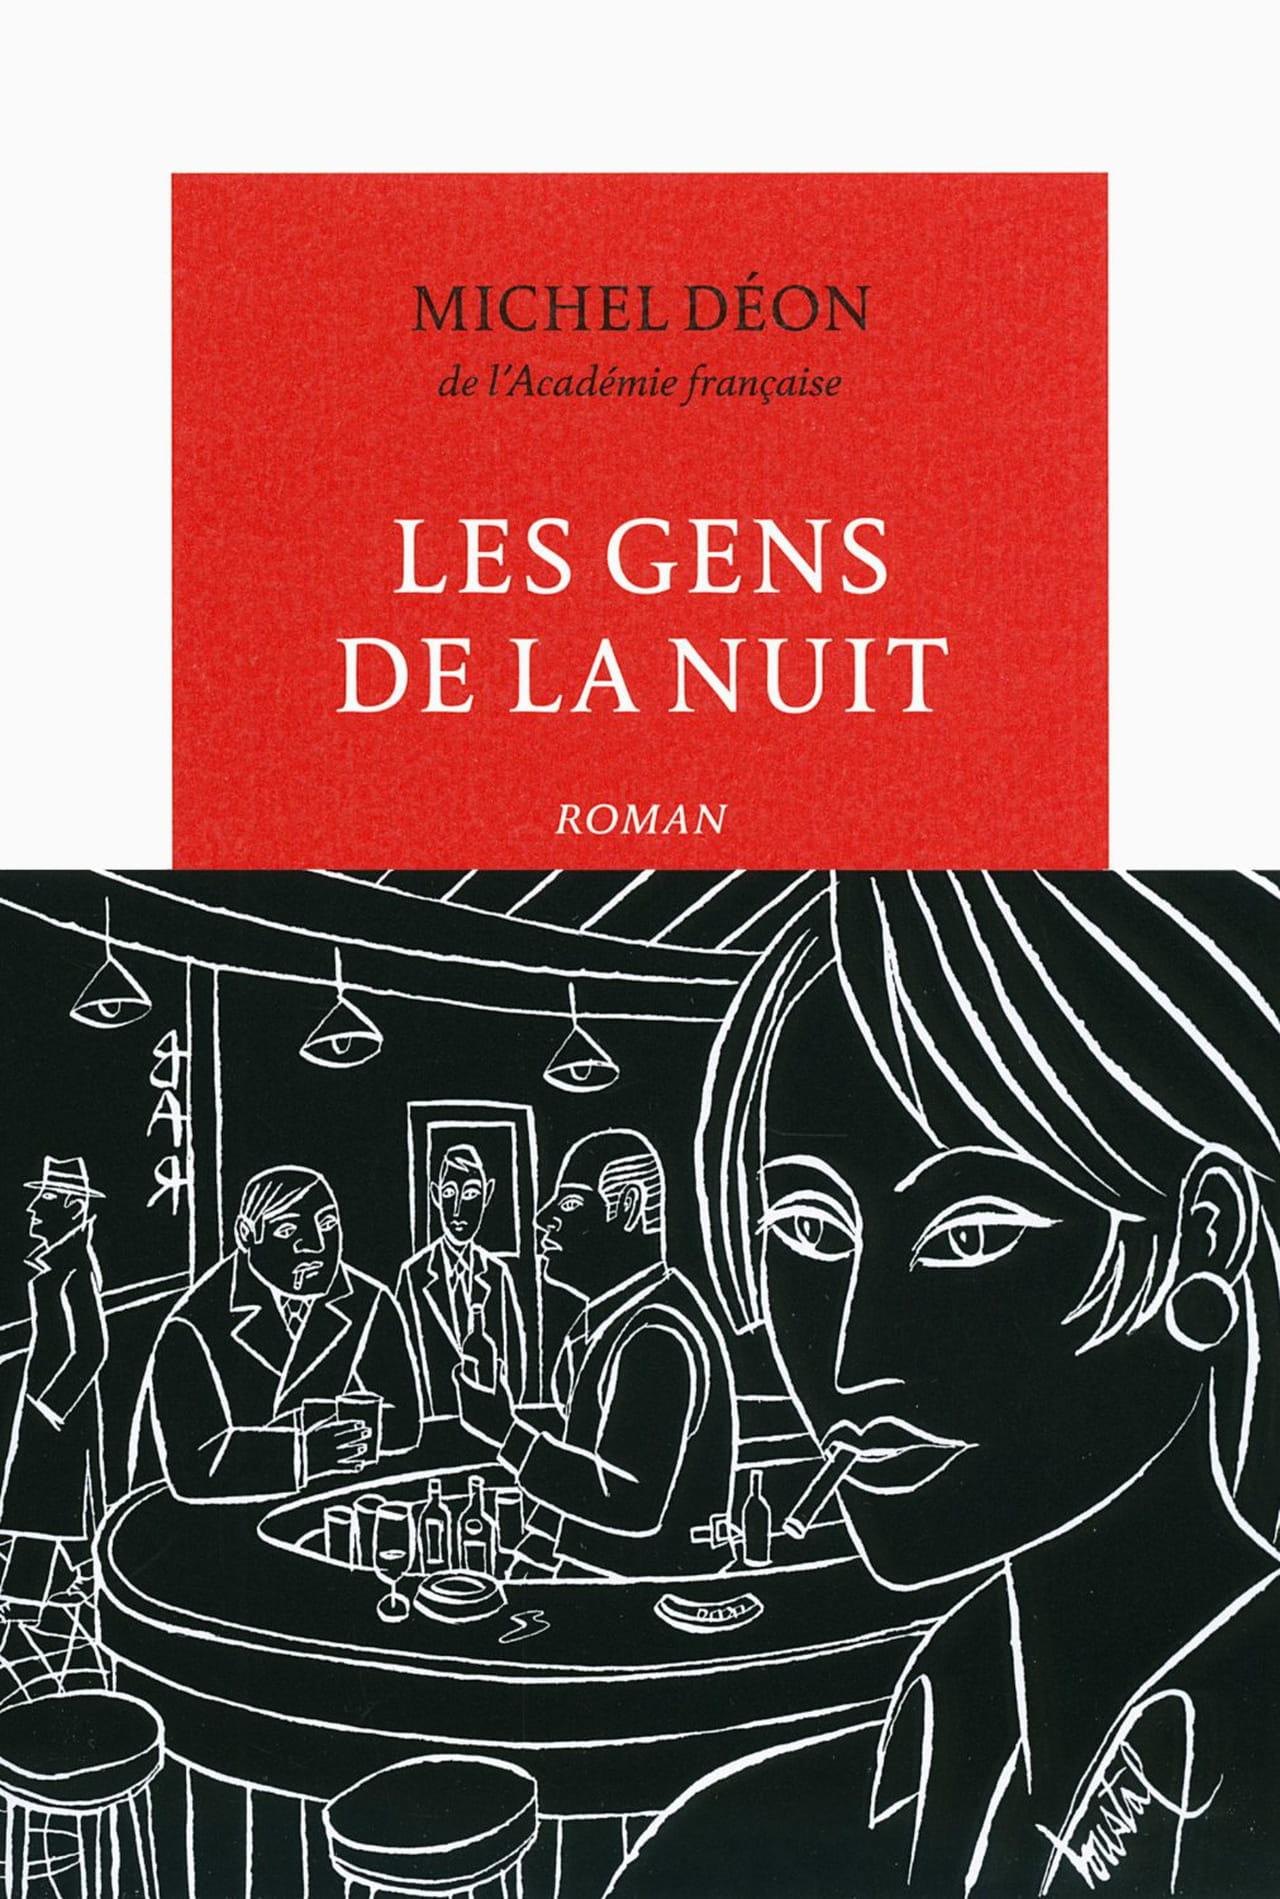 L 39 Assurance D 39 Une Beaut Rest E Intacte Les Gens De La Nuit De Michel D On De L Acad Mie